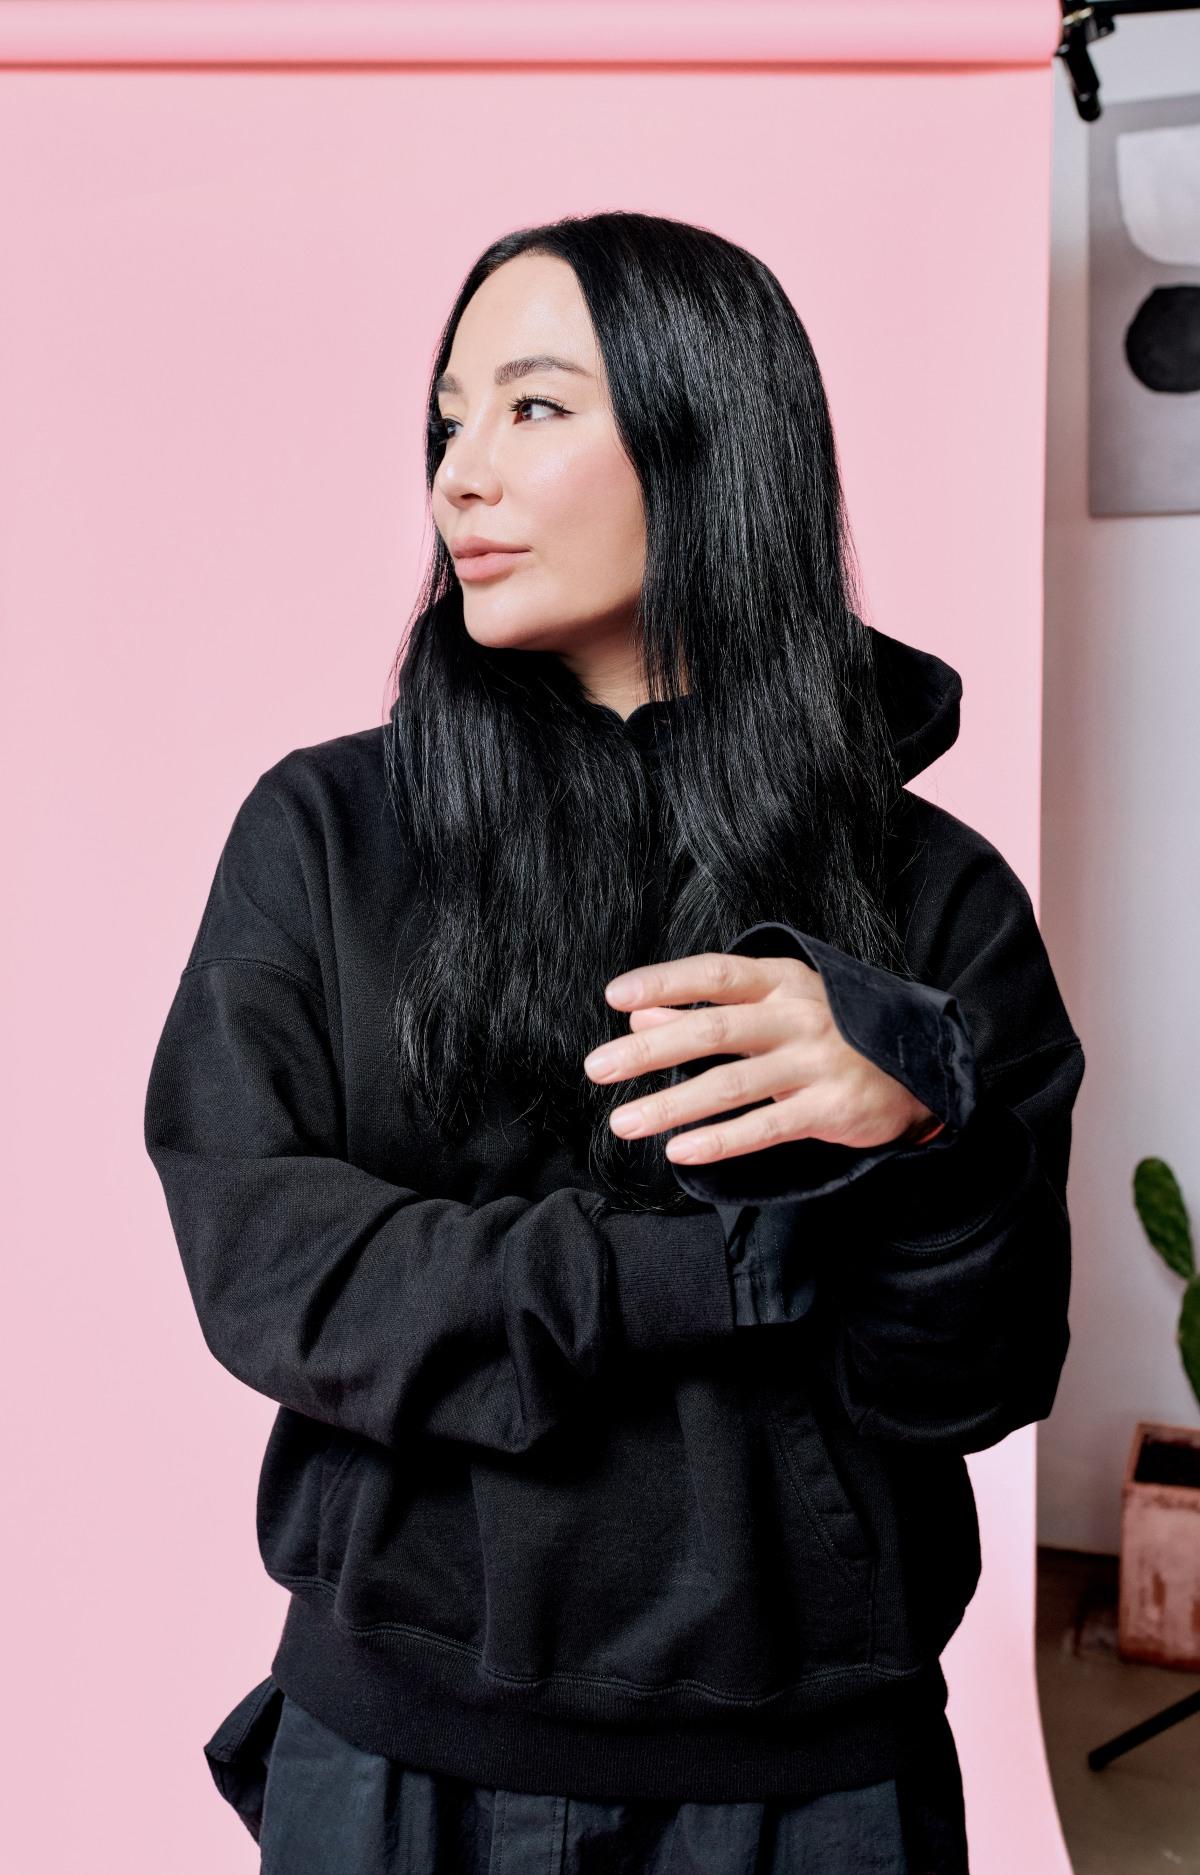 Woman in black hoodie standing looking to the side